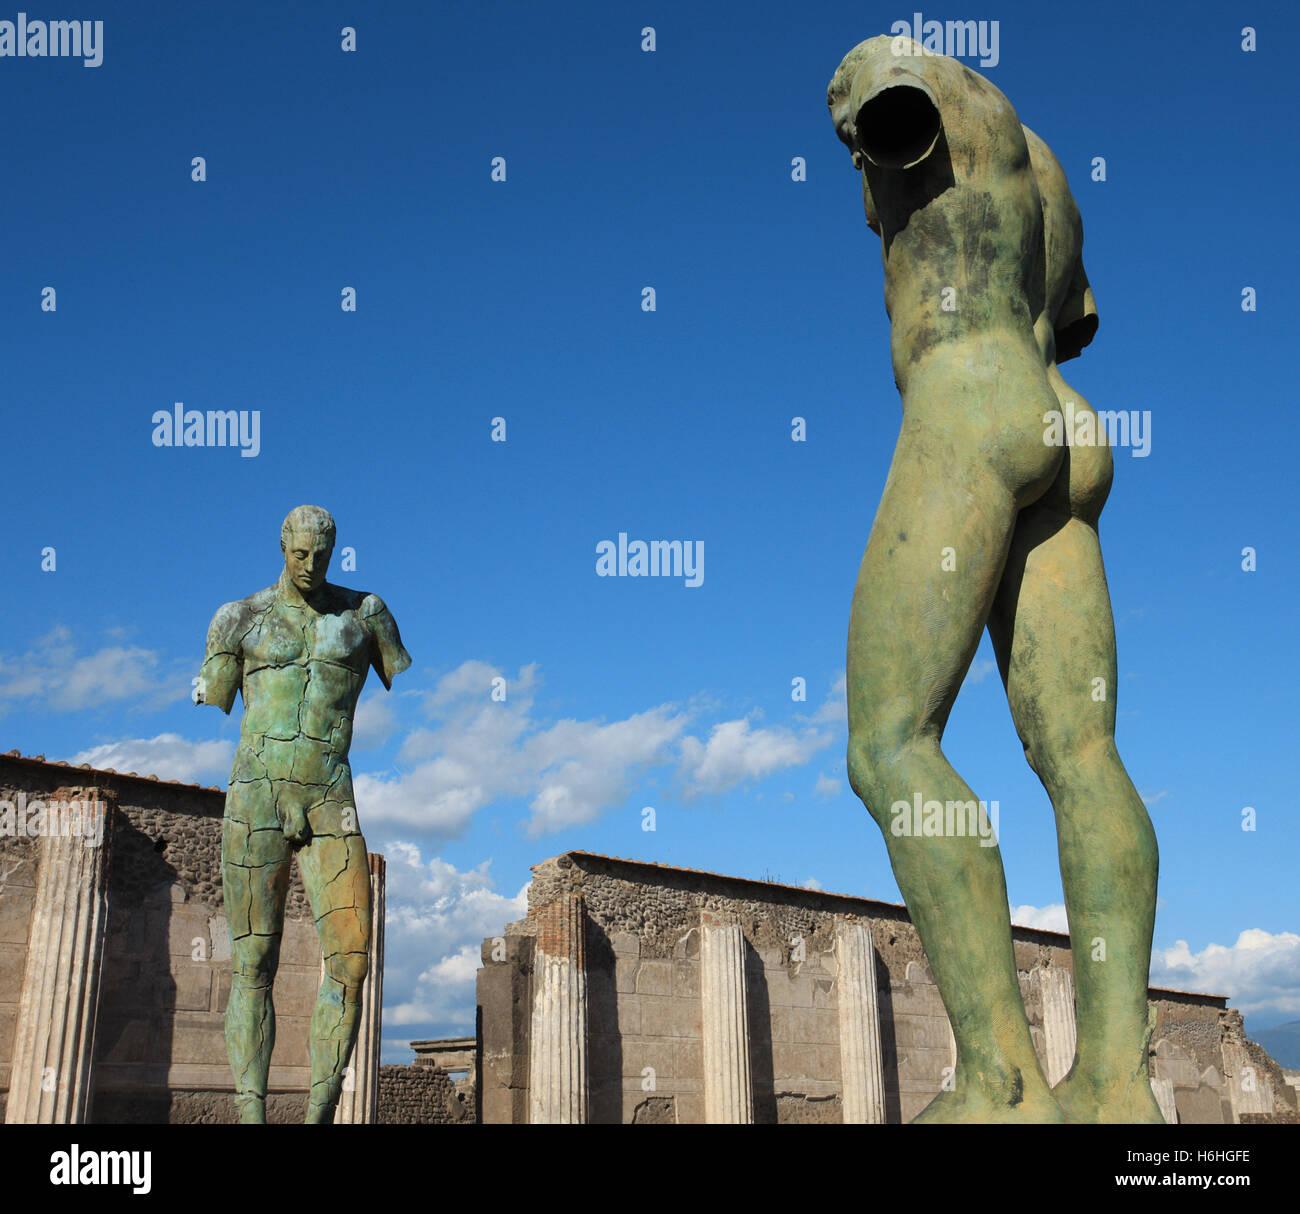 Des sculptures modernes par Igor Mitoraj sur show à l'ancien site de Pompéi près de Naples Italie Photo Stock